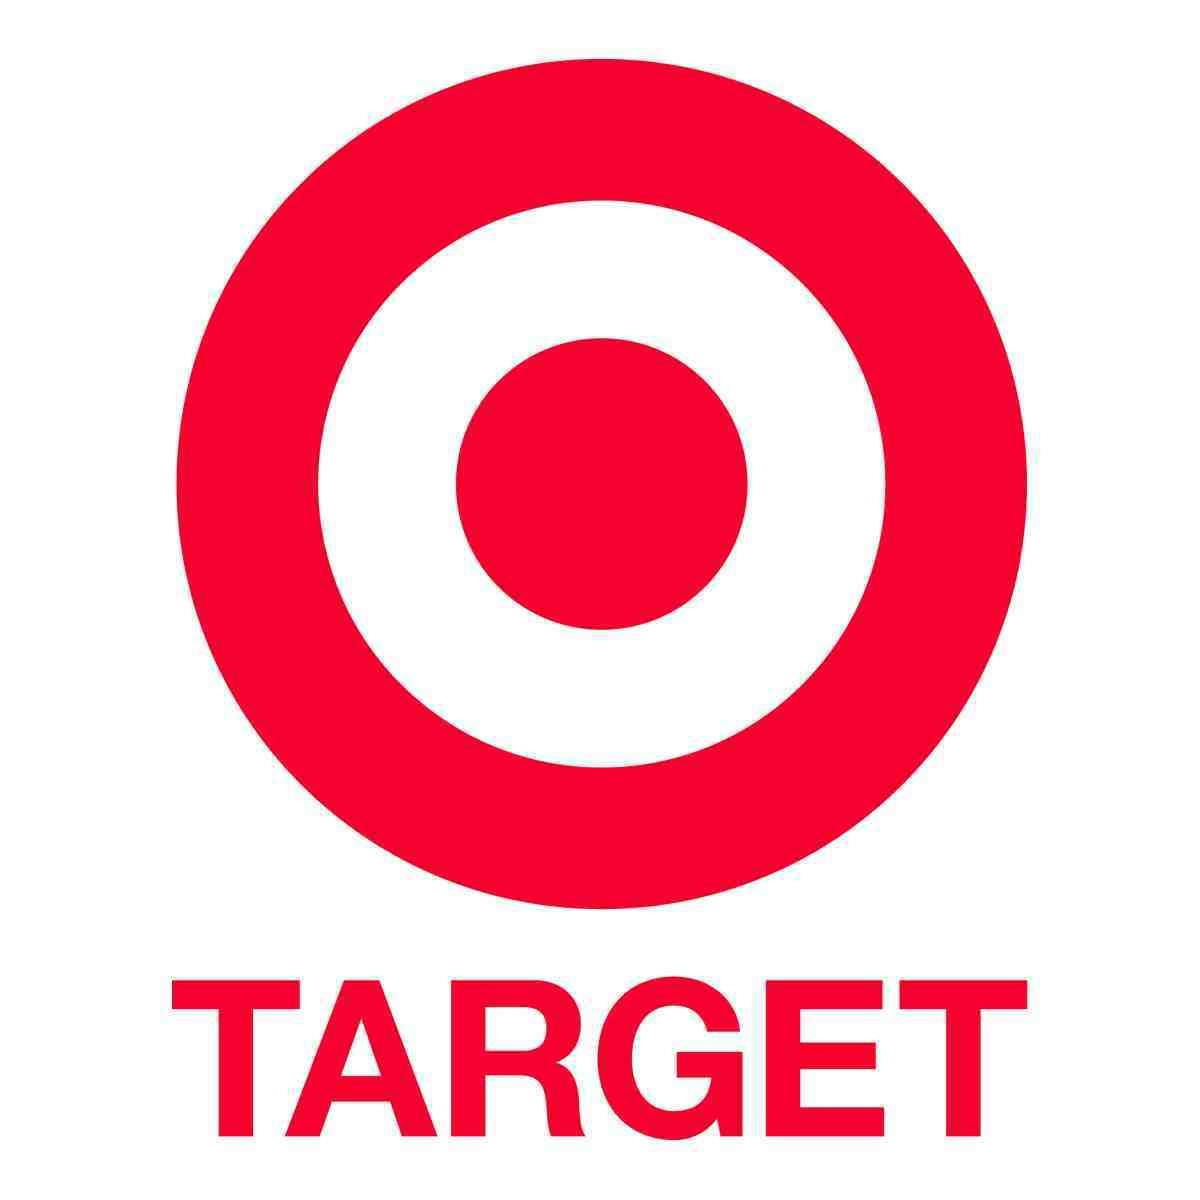 Target-logo-v.-1.jpg